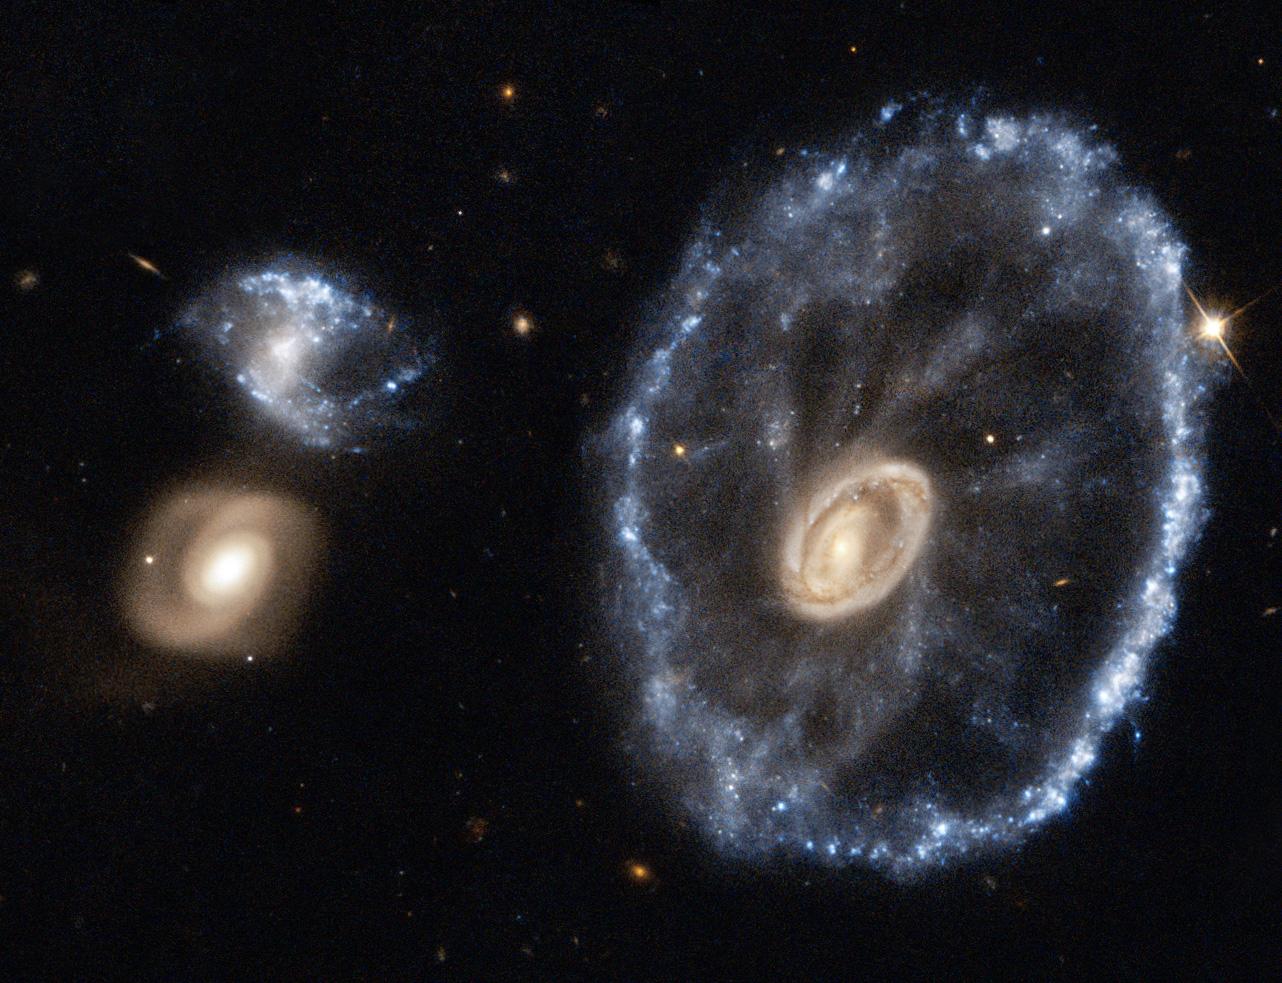 Галактика Колесо Воза - натисніть для збільшення.